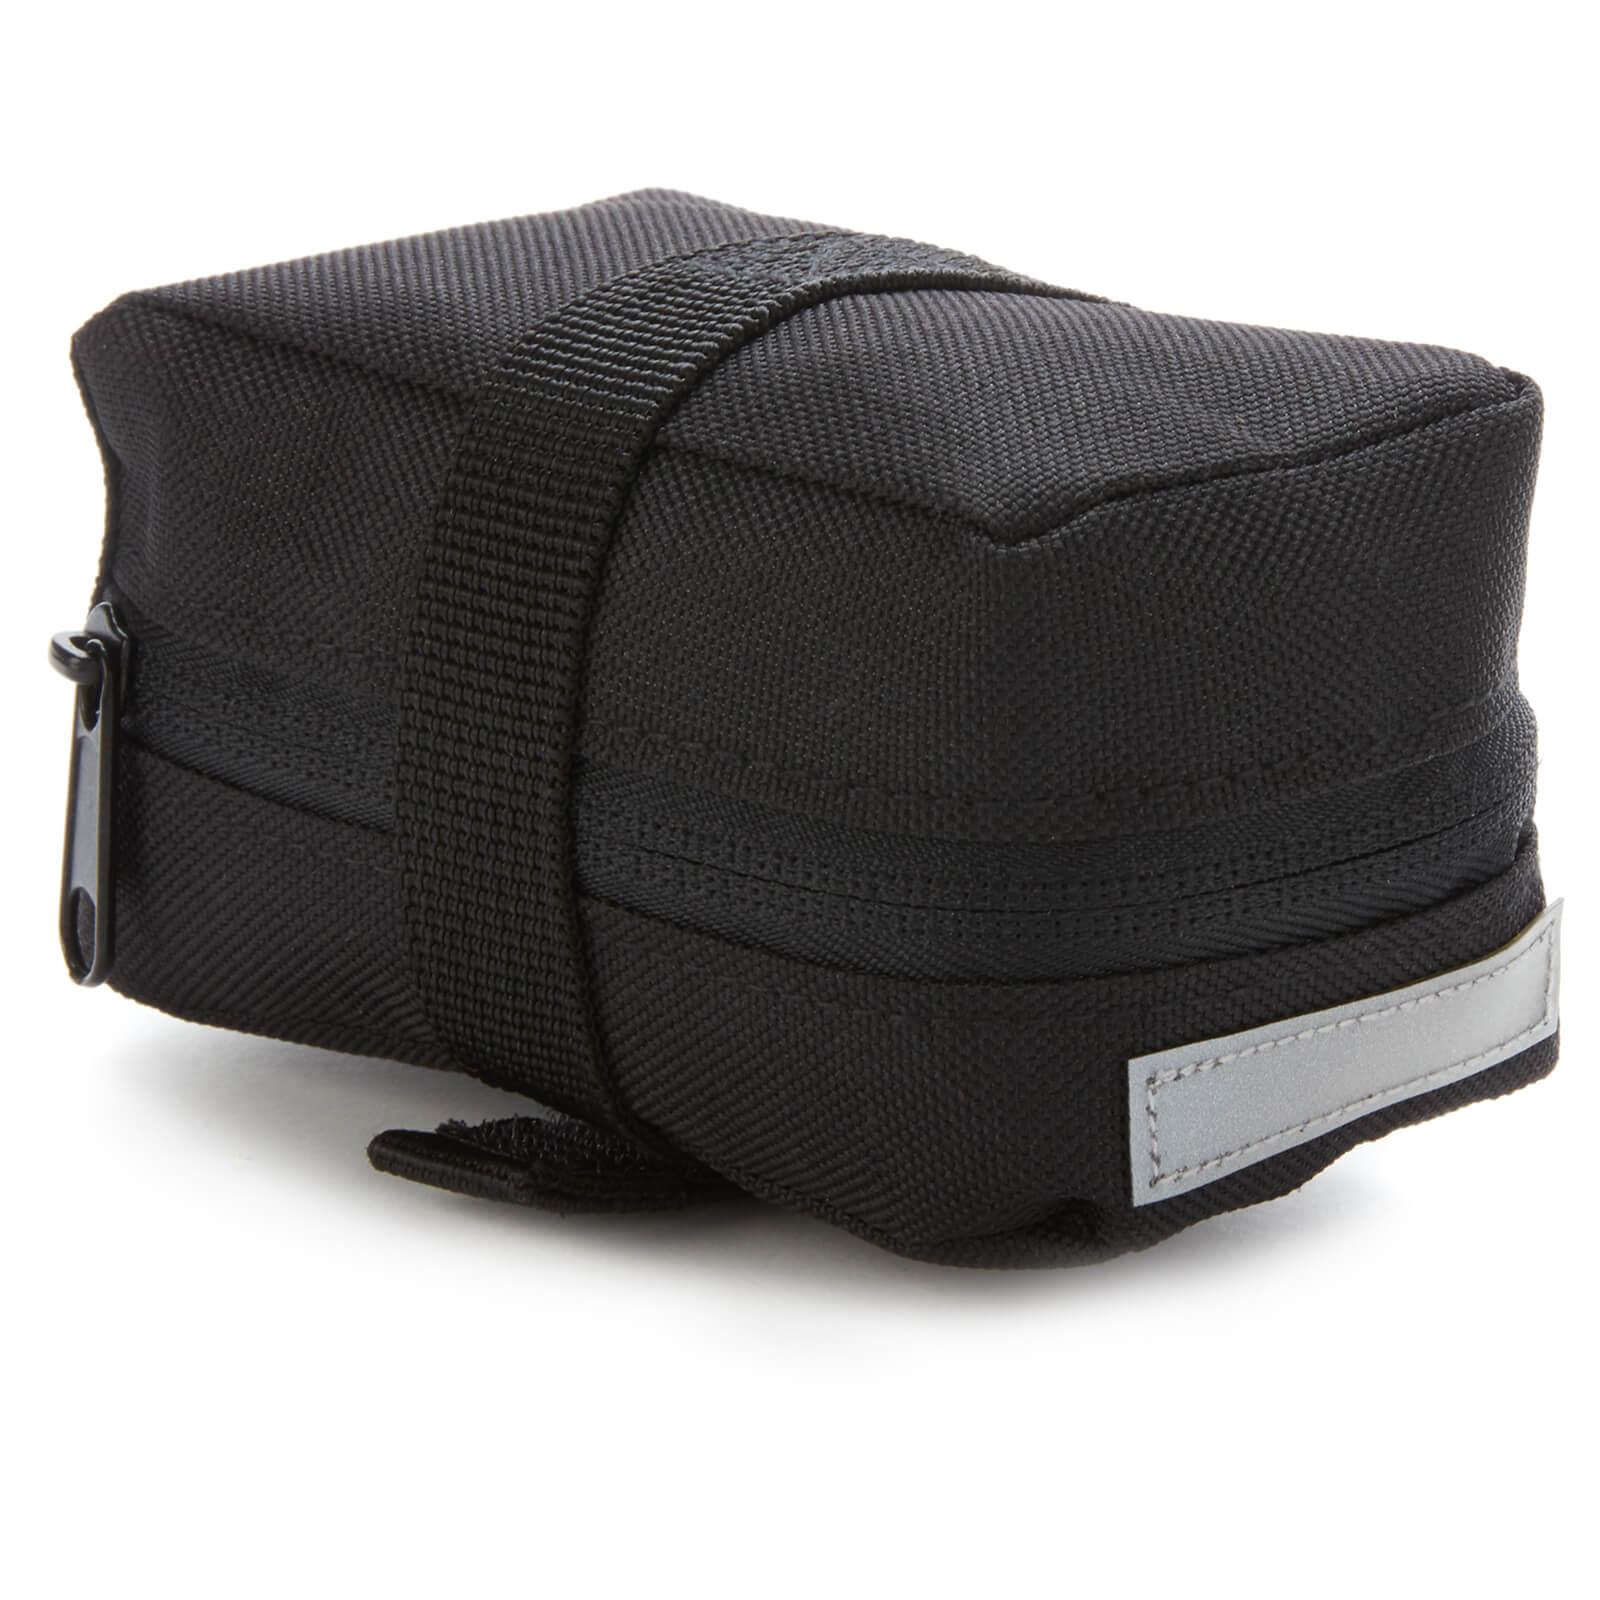 Pbk Mini Saddle Bag